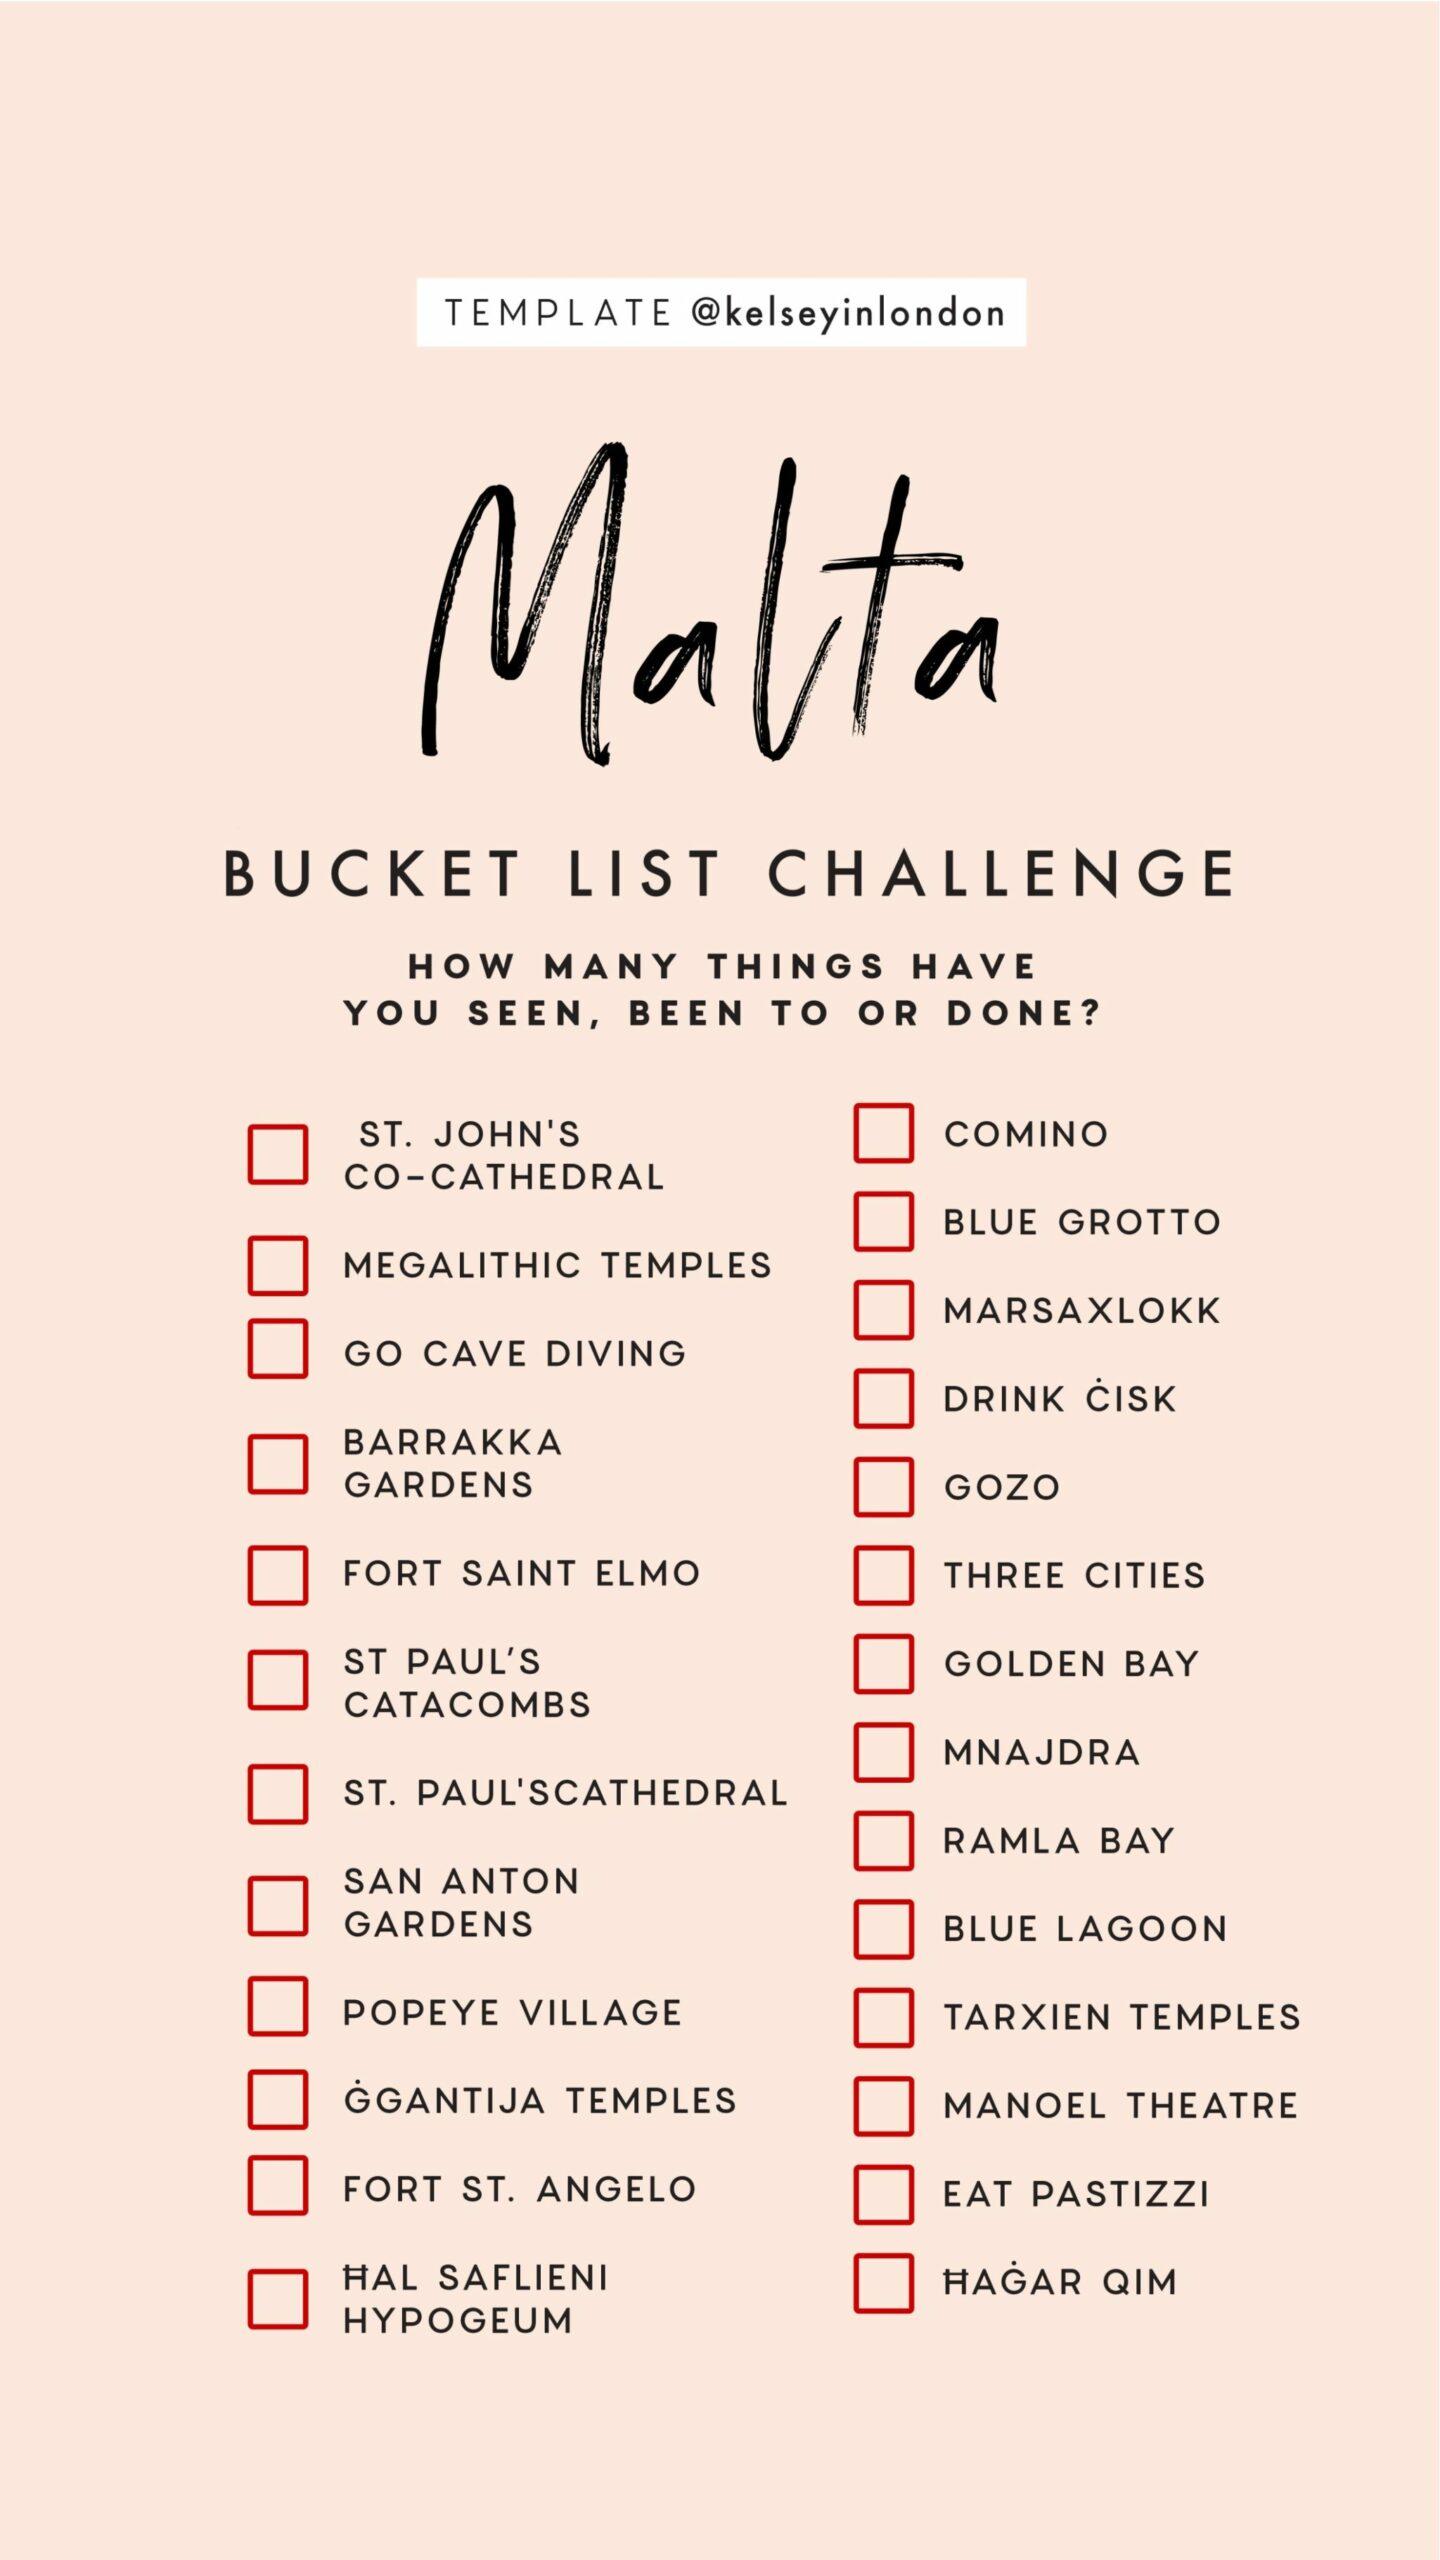 Top-things-to-do-in-Malta-Malta-Bucketlist-Instagram-Story-Template-kelseyinlondon-Kelsey-Heinrichs-What-to-do-in-Malta-Where-to-go-in-Malta-top-places-in-Malta-